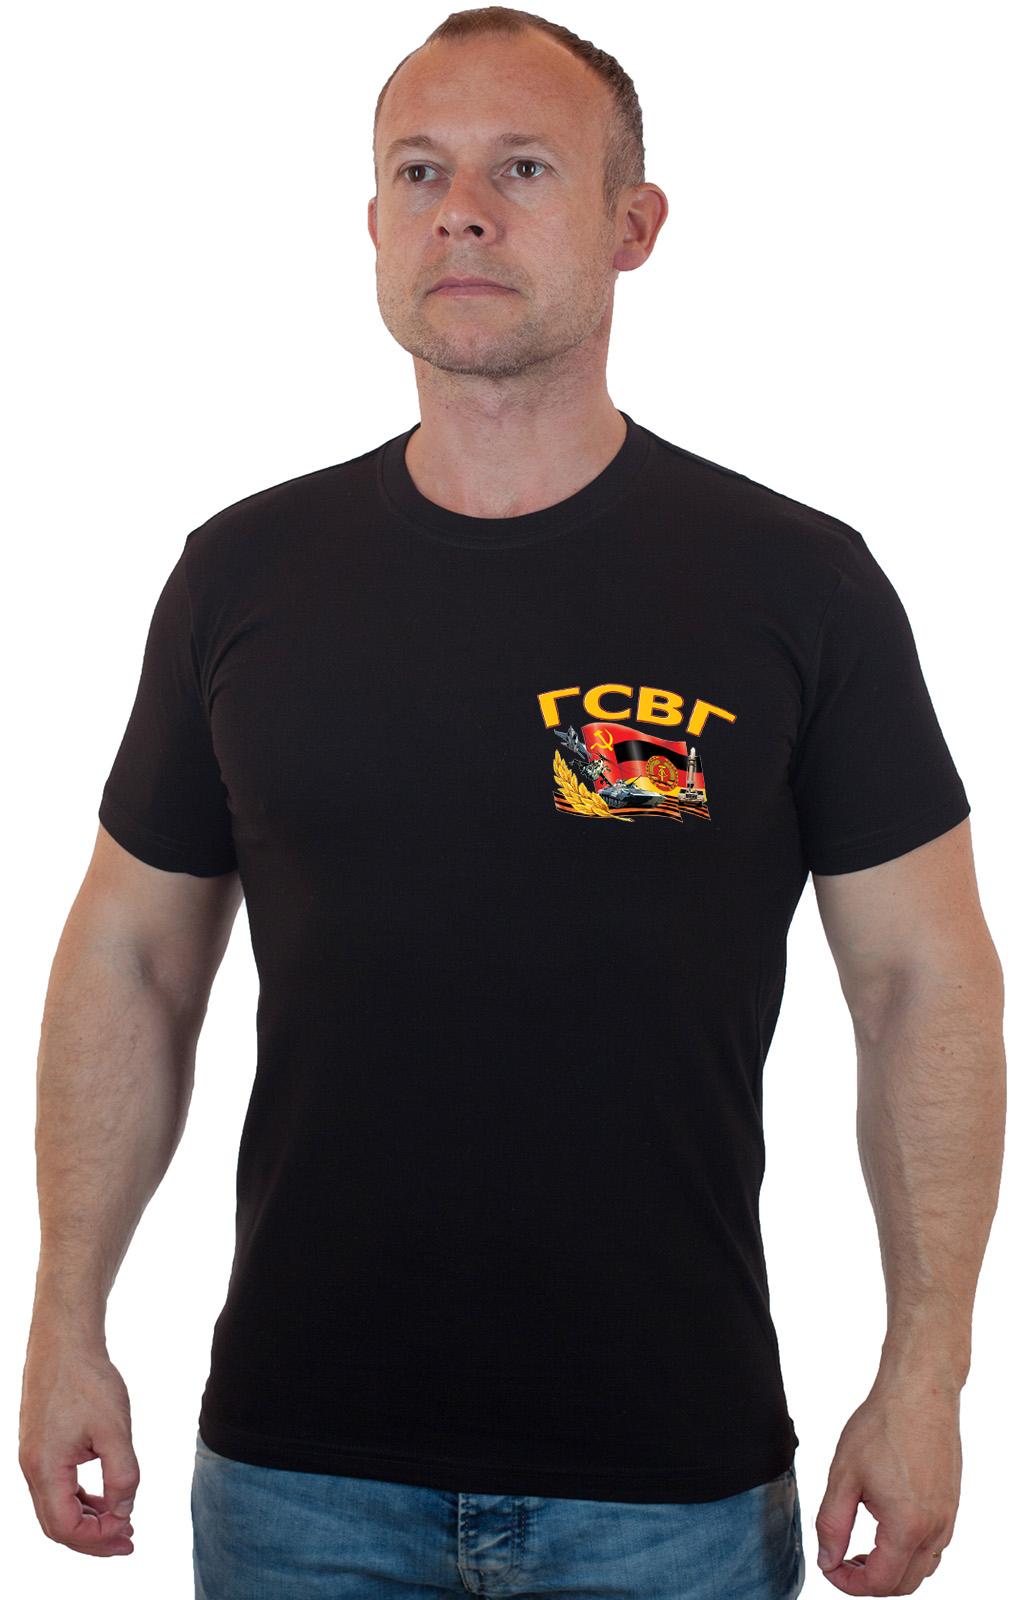 Купить футболку ГСВГ в интернет магазине Военпро